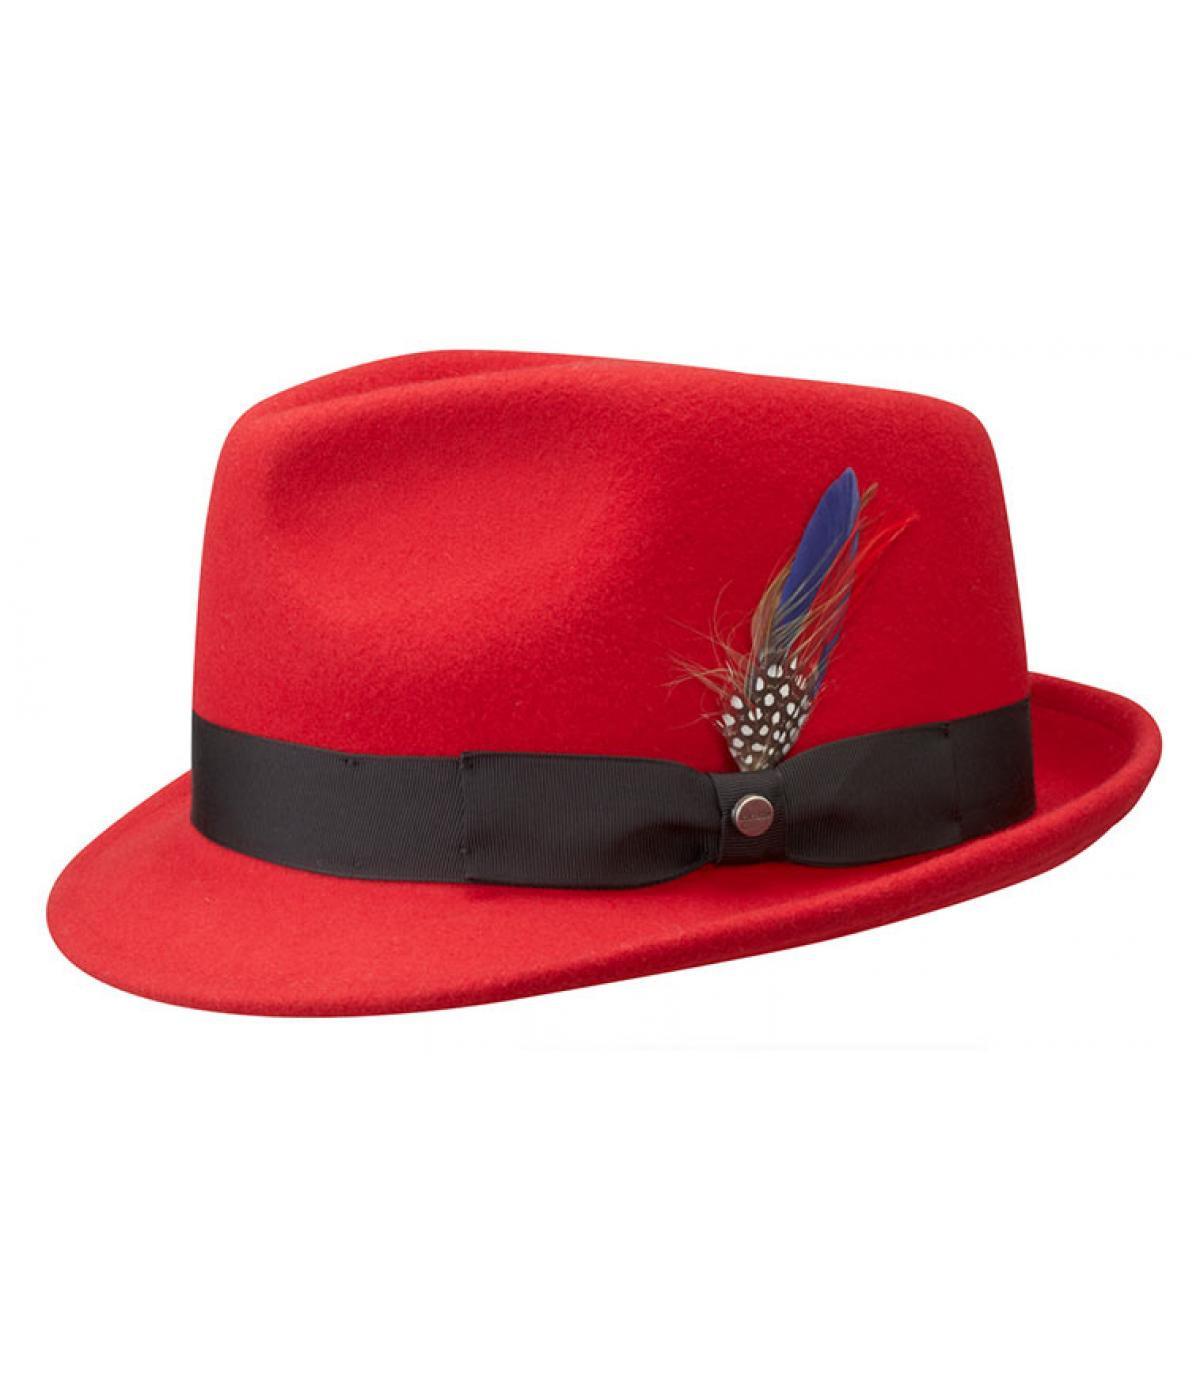 e56cff43e131c Stetson. Men red hat. Détails Boston richmond red - image 3  Détails Boston  richmond red - image ...